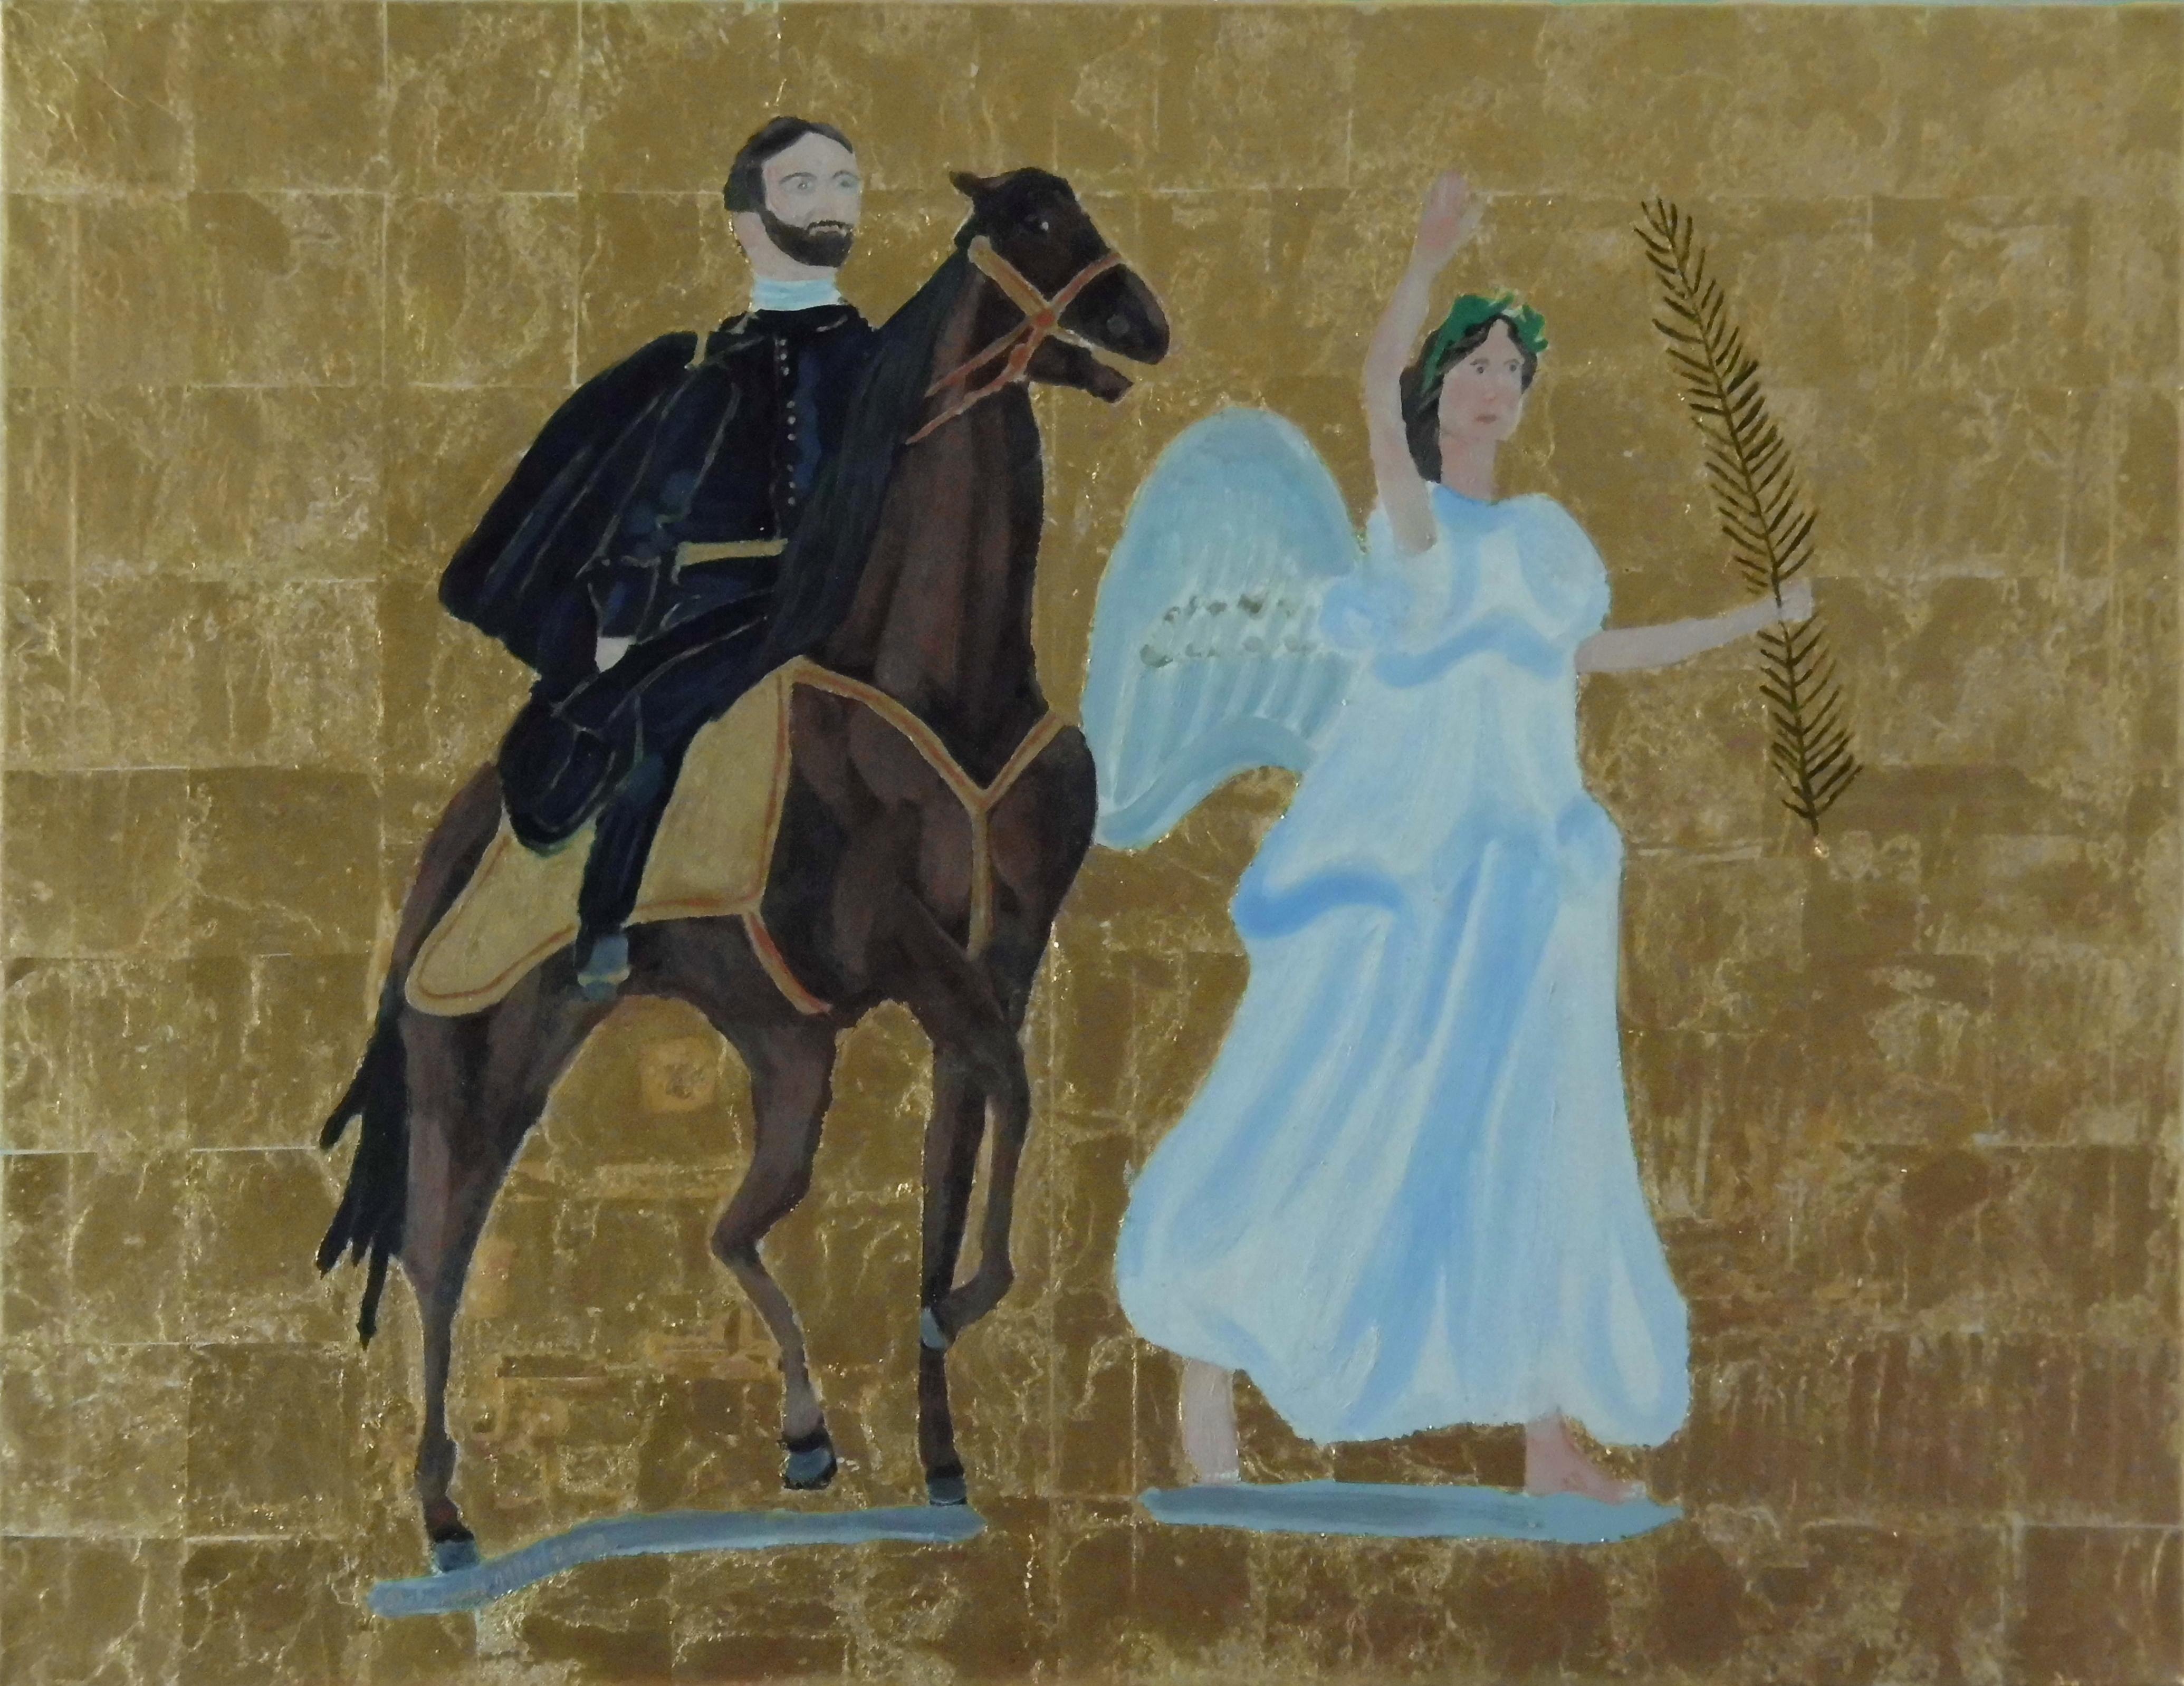 General Sherman led by Goddess Nike artwork by Teresa Deborah Ryle - art listed for sale on Artplode